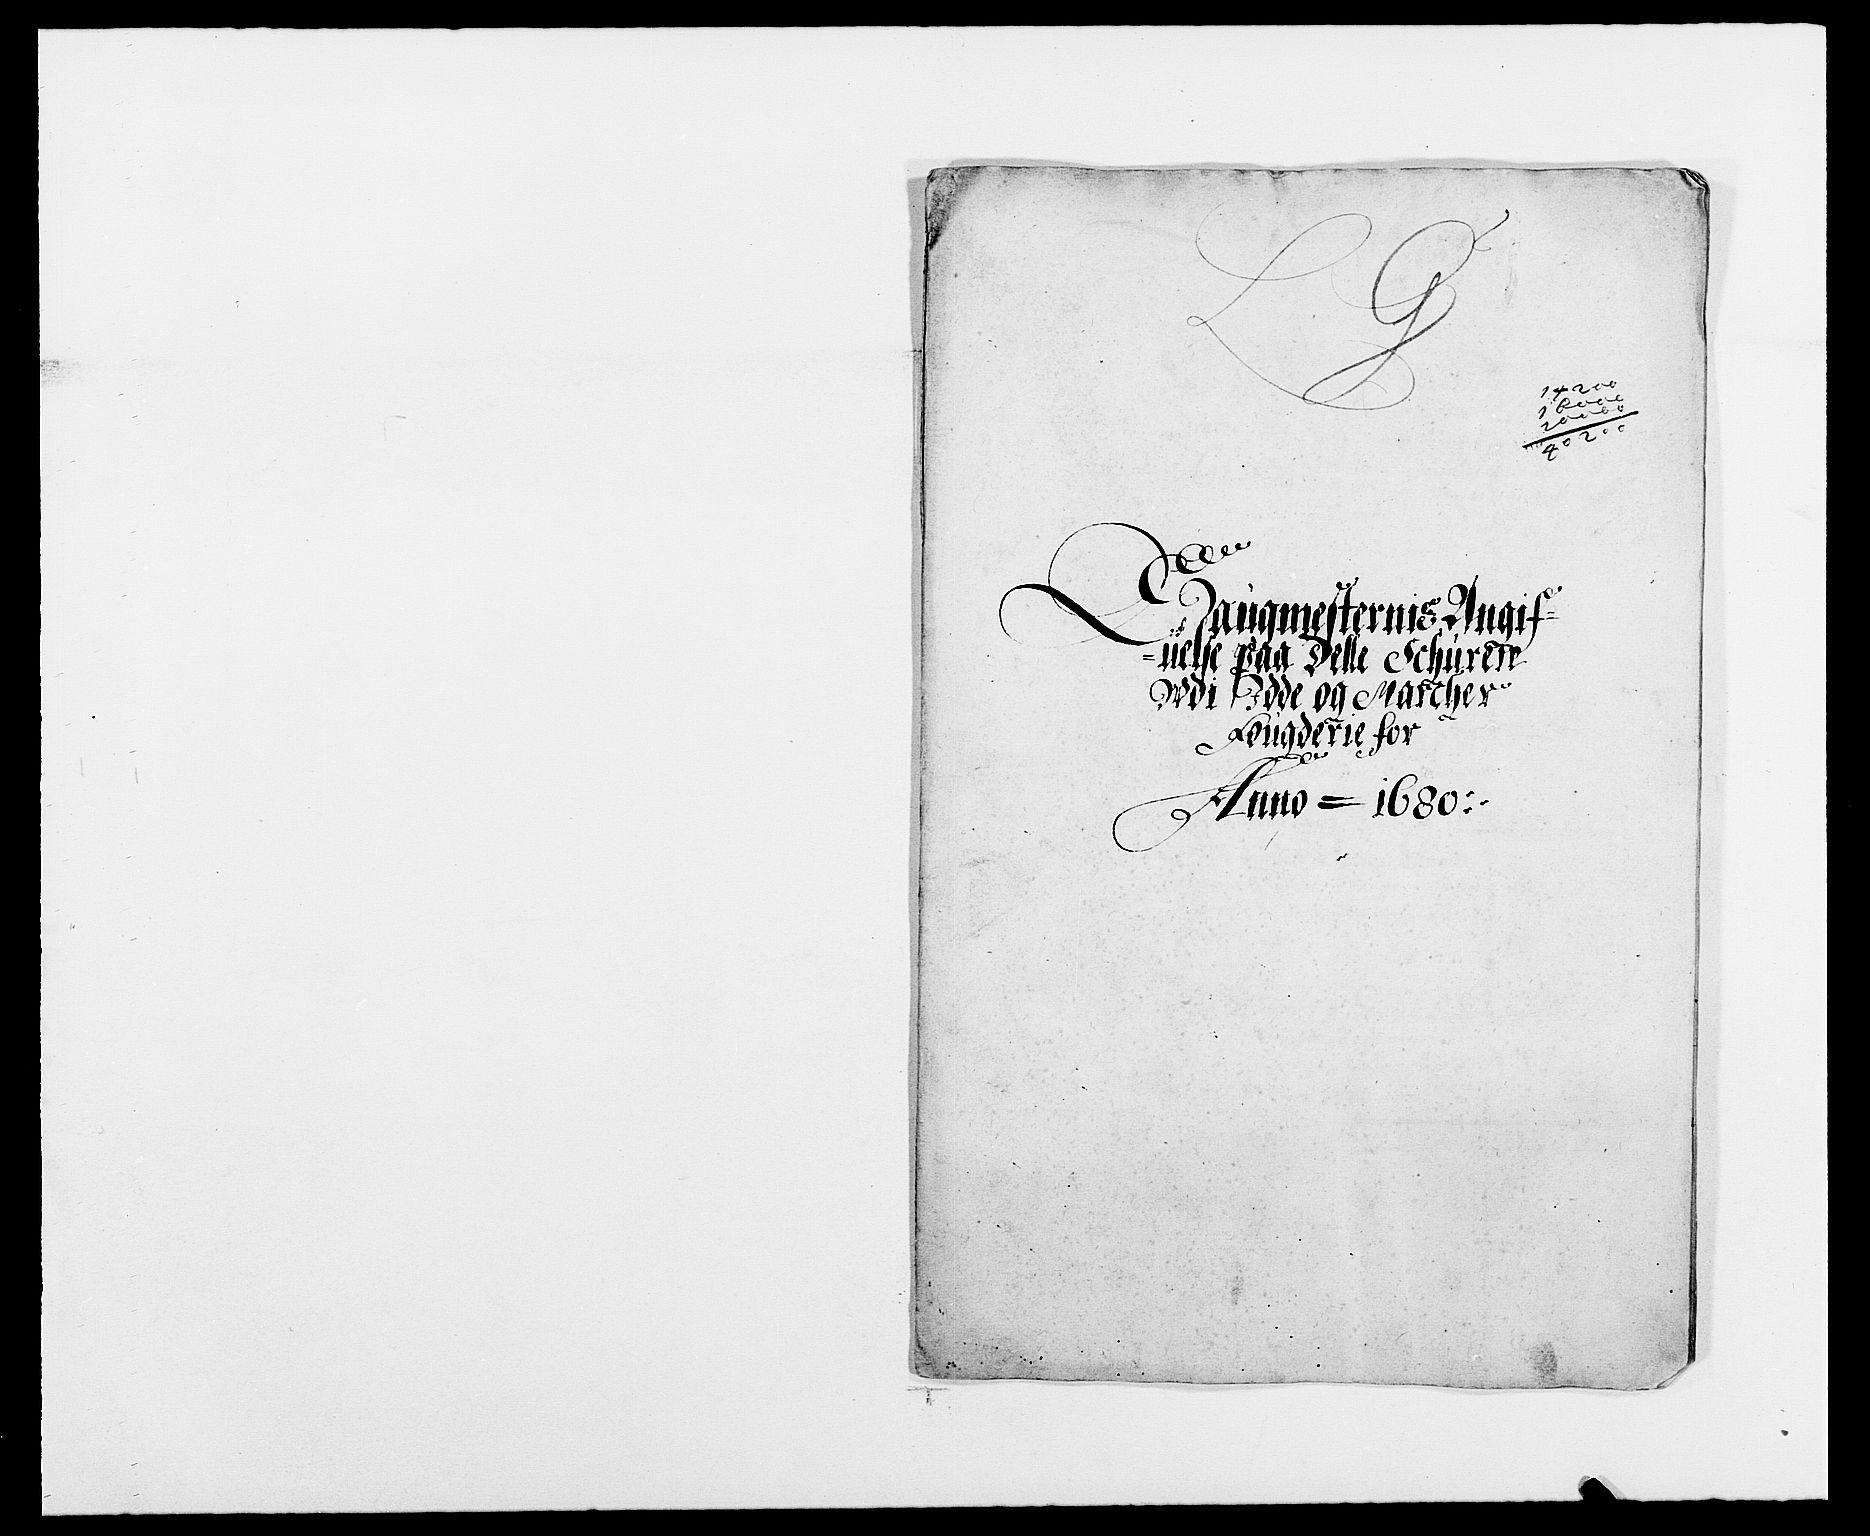 RA, Rentekammeret inntil 1814, Reviderte regnskaper, Fogderegnskap, R01/L0002: Fogderegnskap Idd og Marker, 1680-1681, s. 203